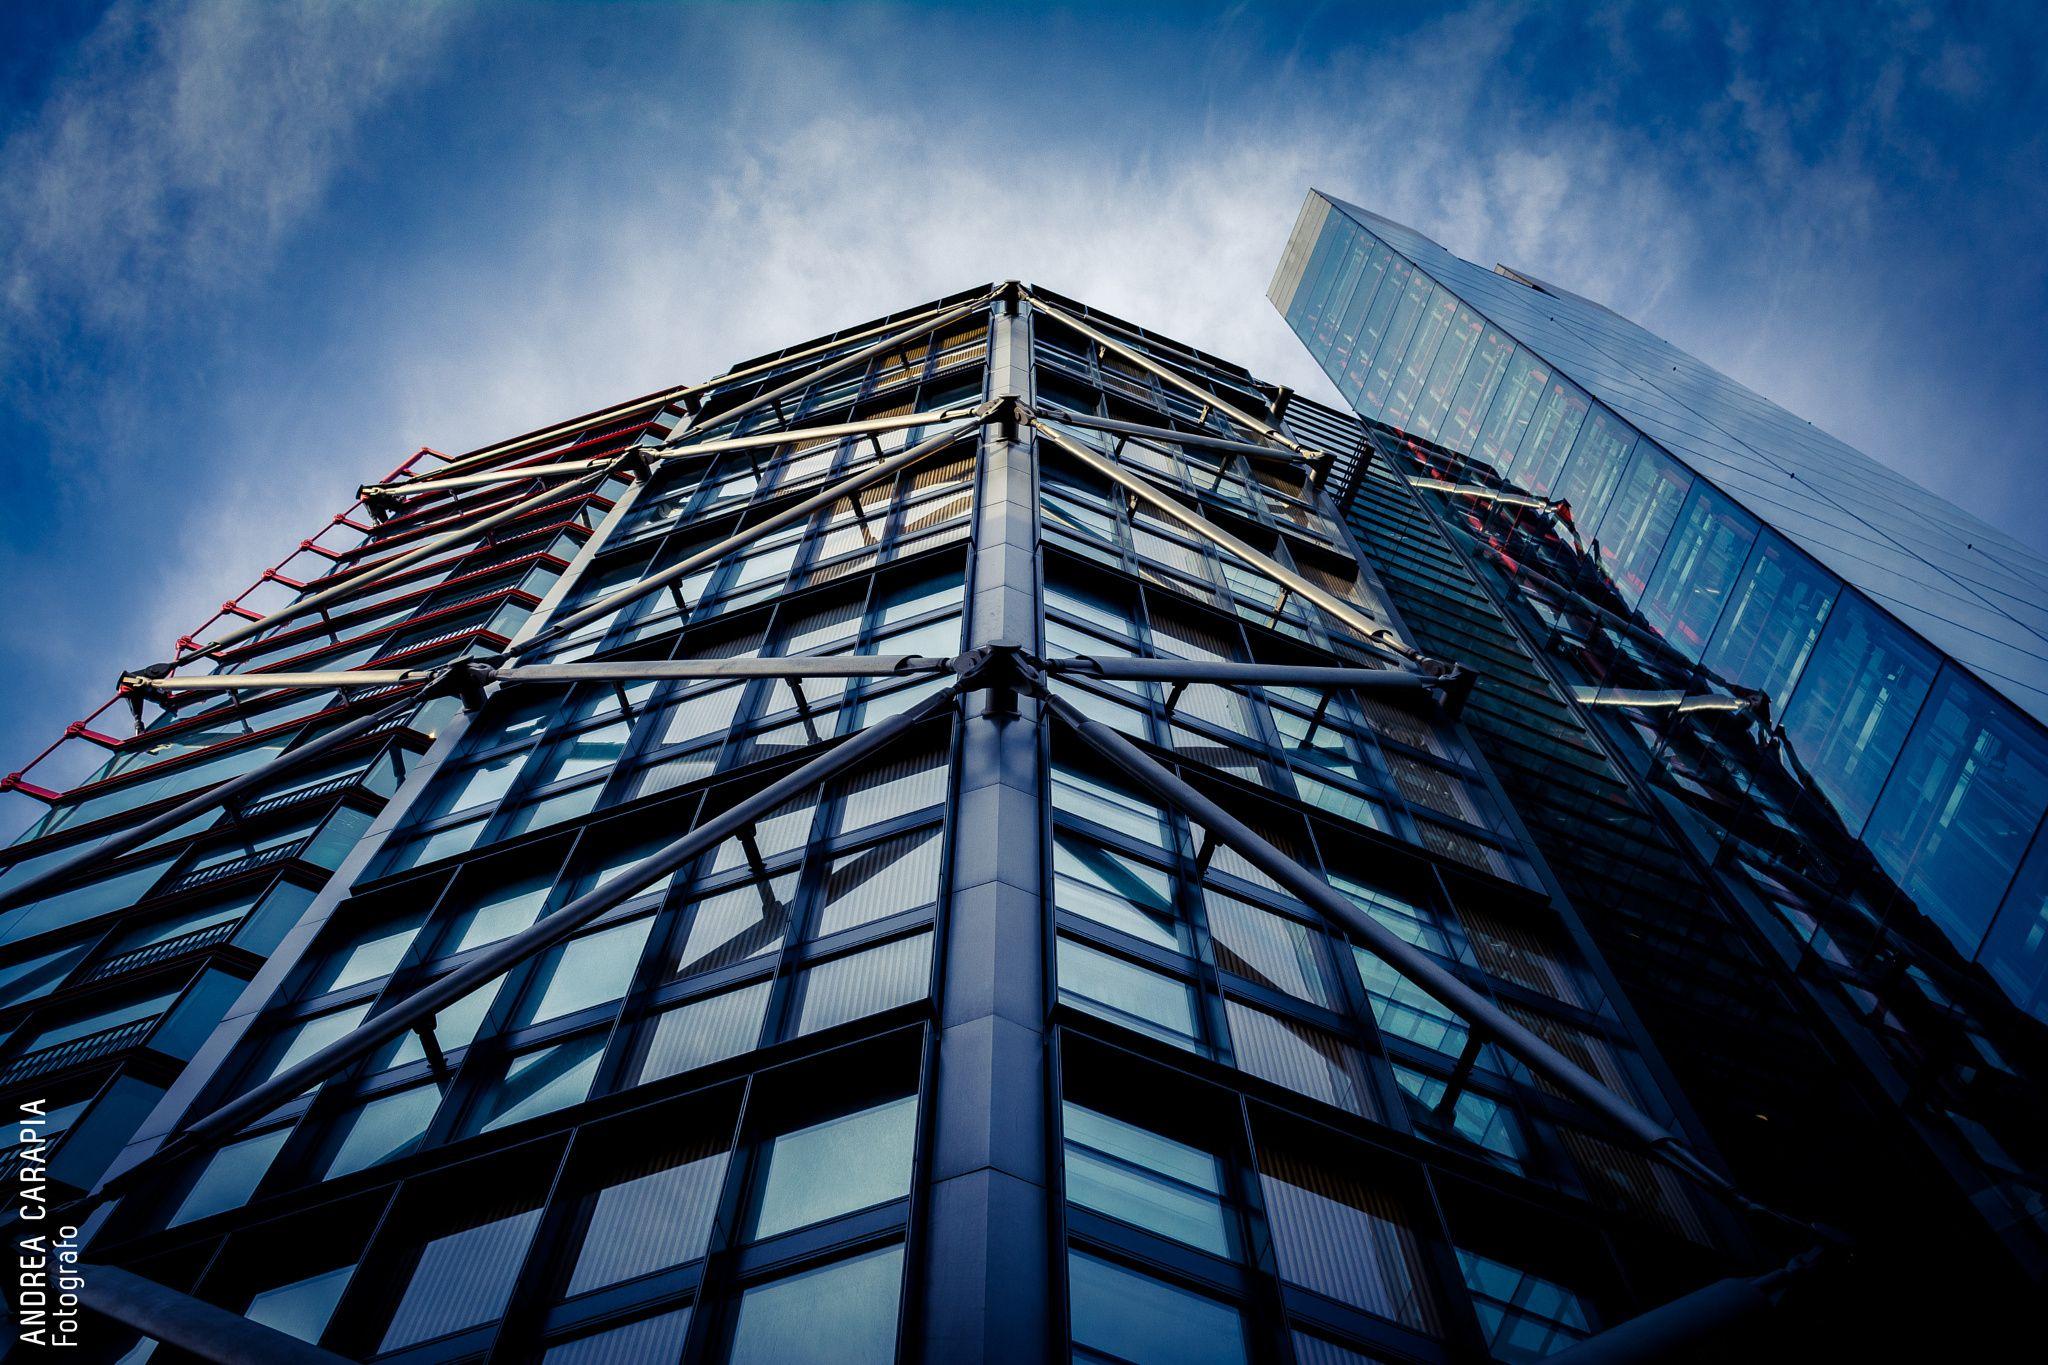 Alte wohnarchitektur glassusteel  steel and glass structure beautifull   architecture